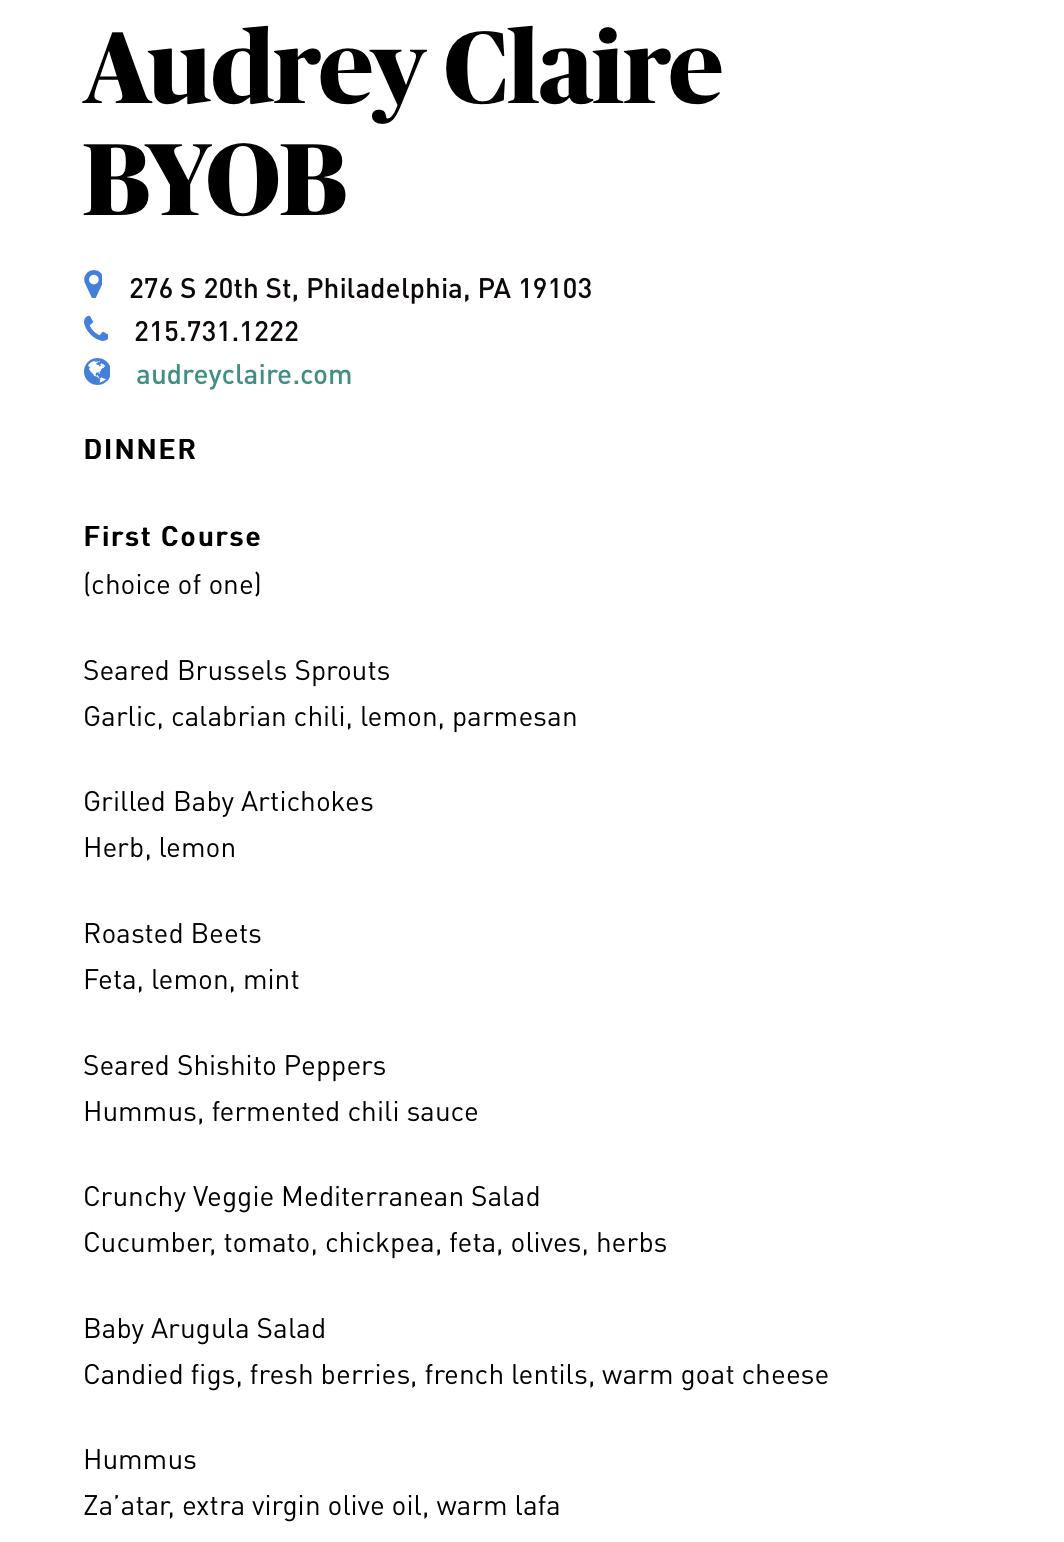 Audrey Claire byob menu